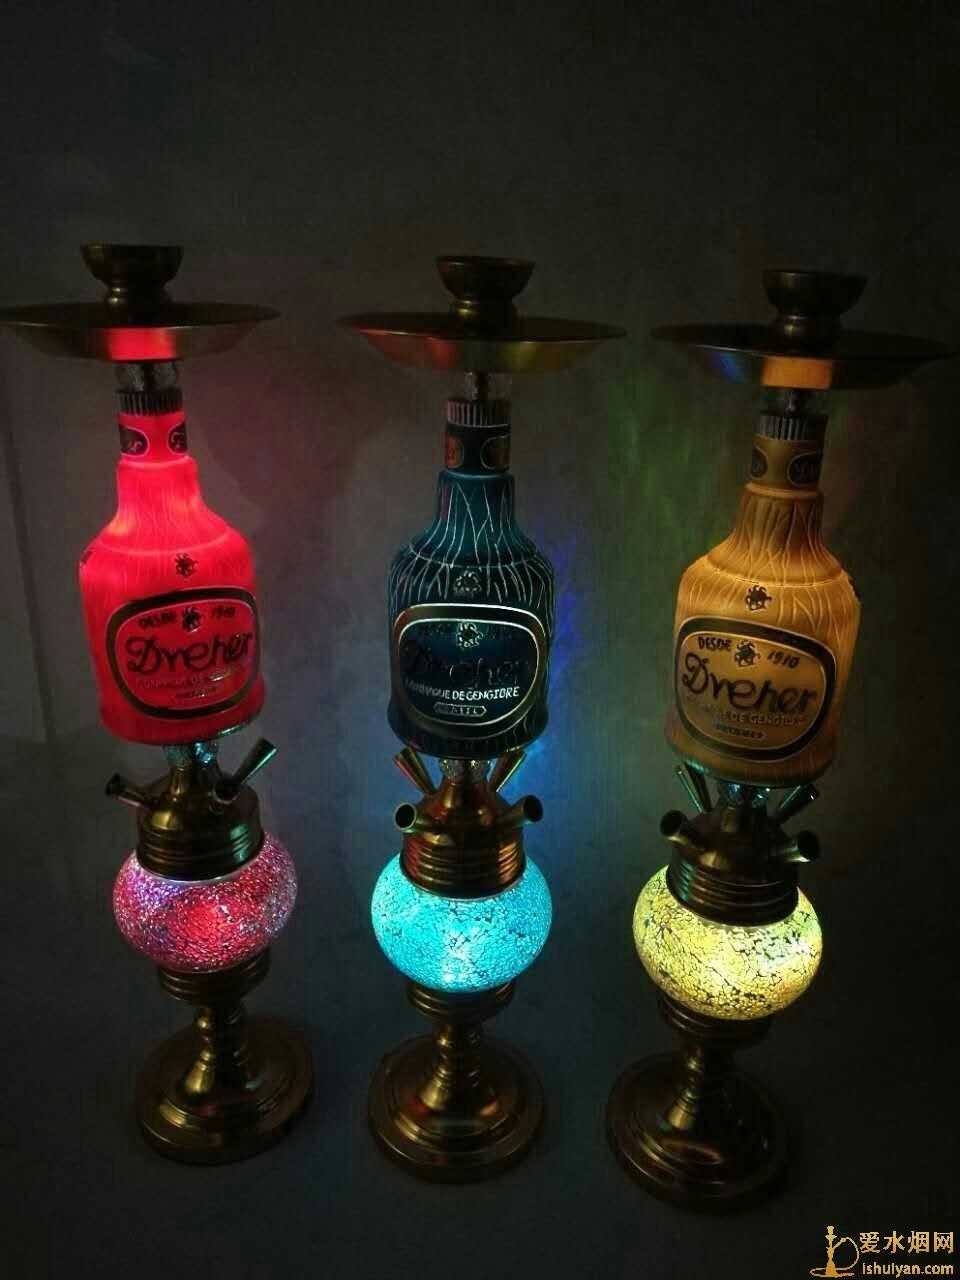 酒吧阿拉伯水烟壶